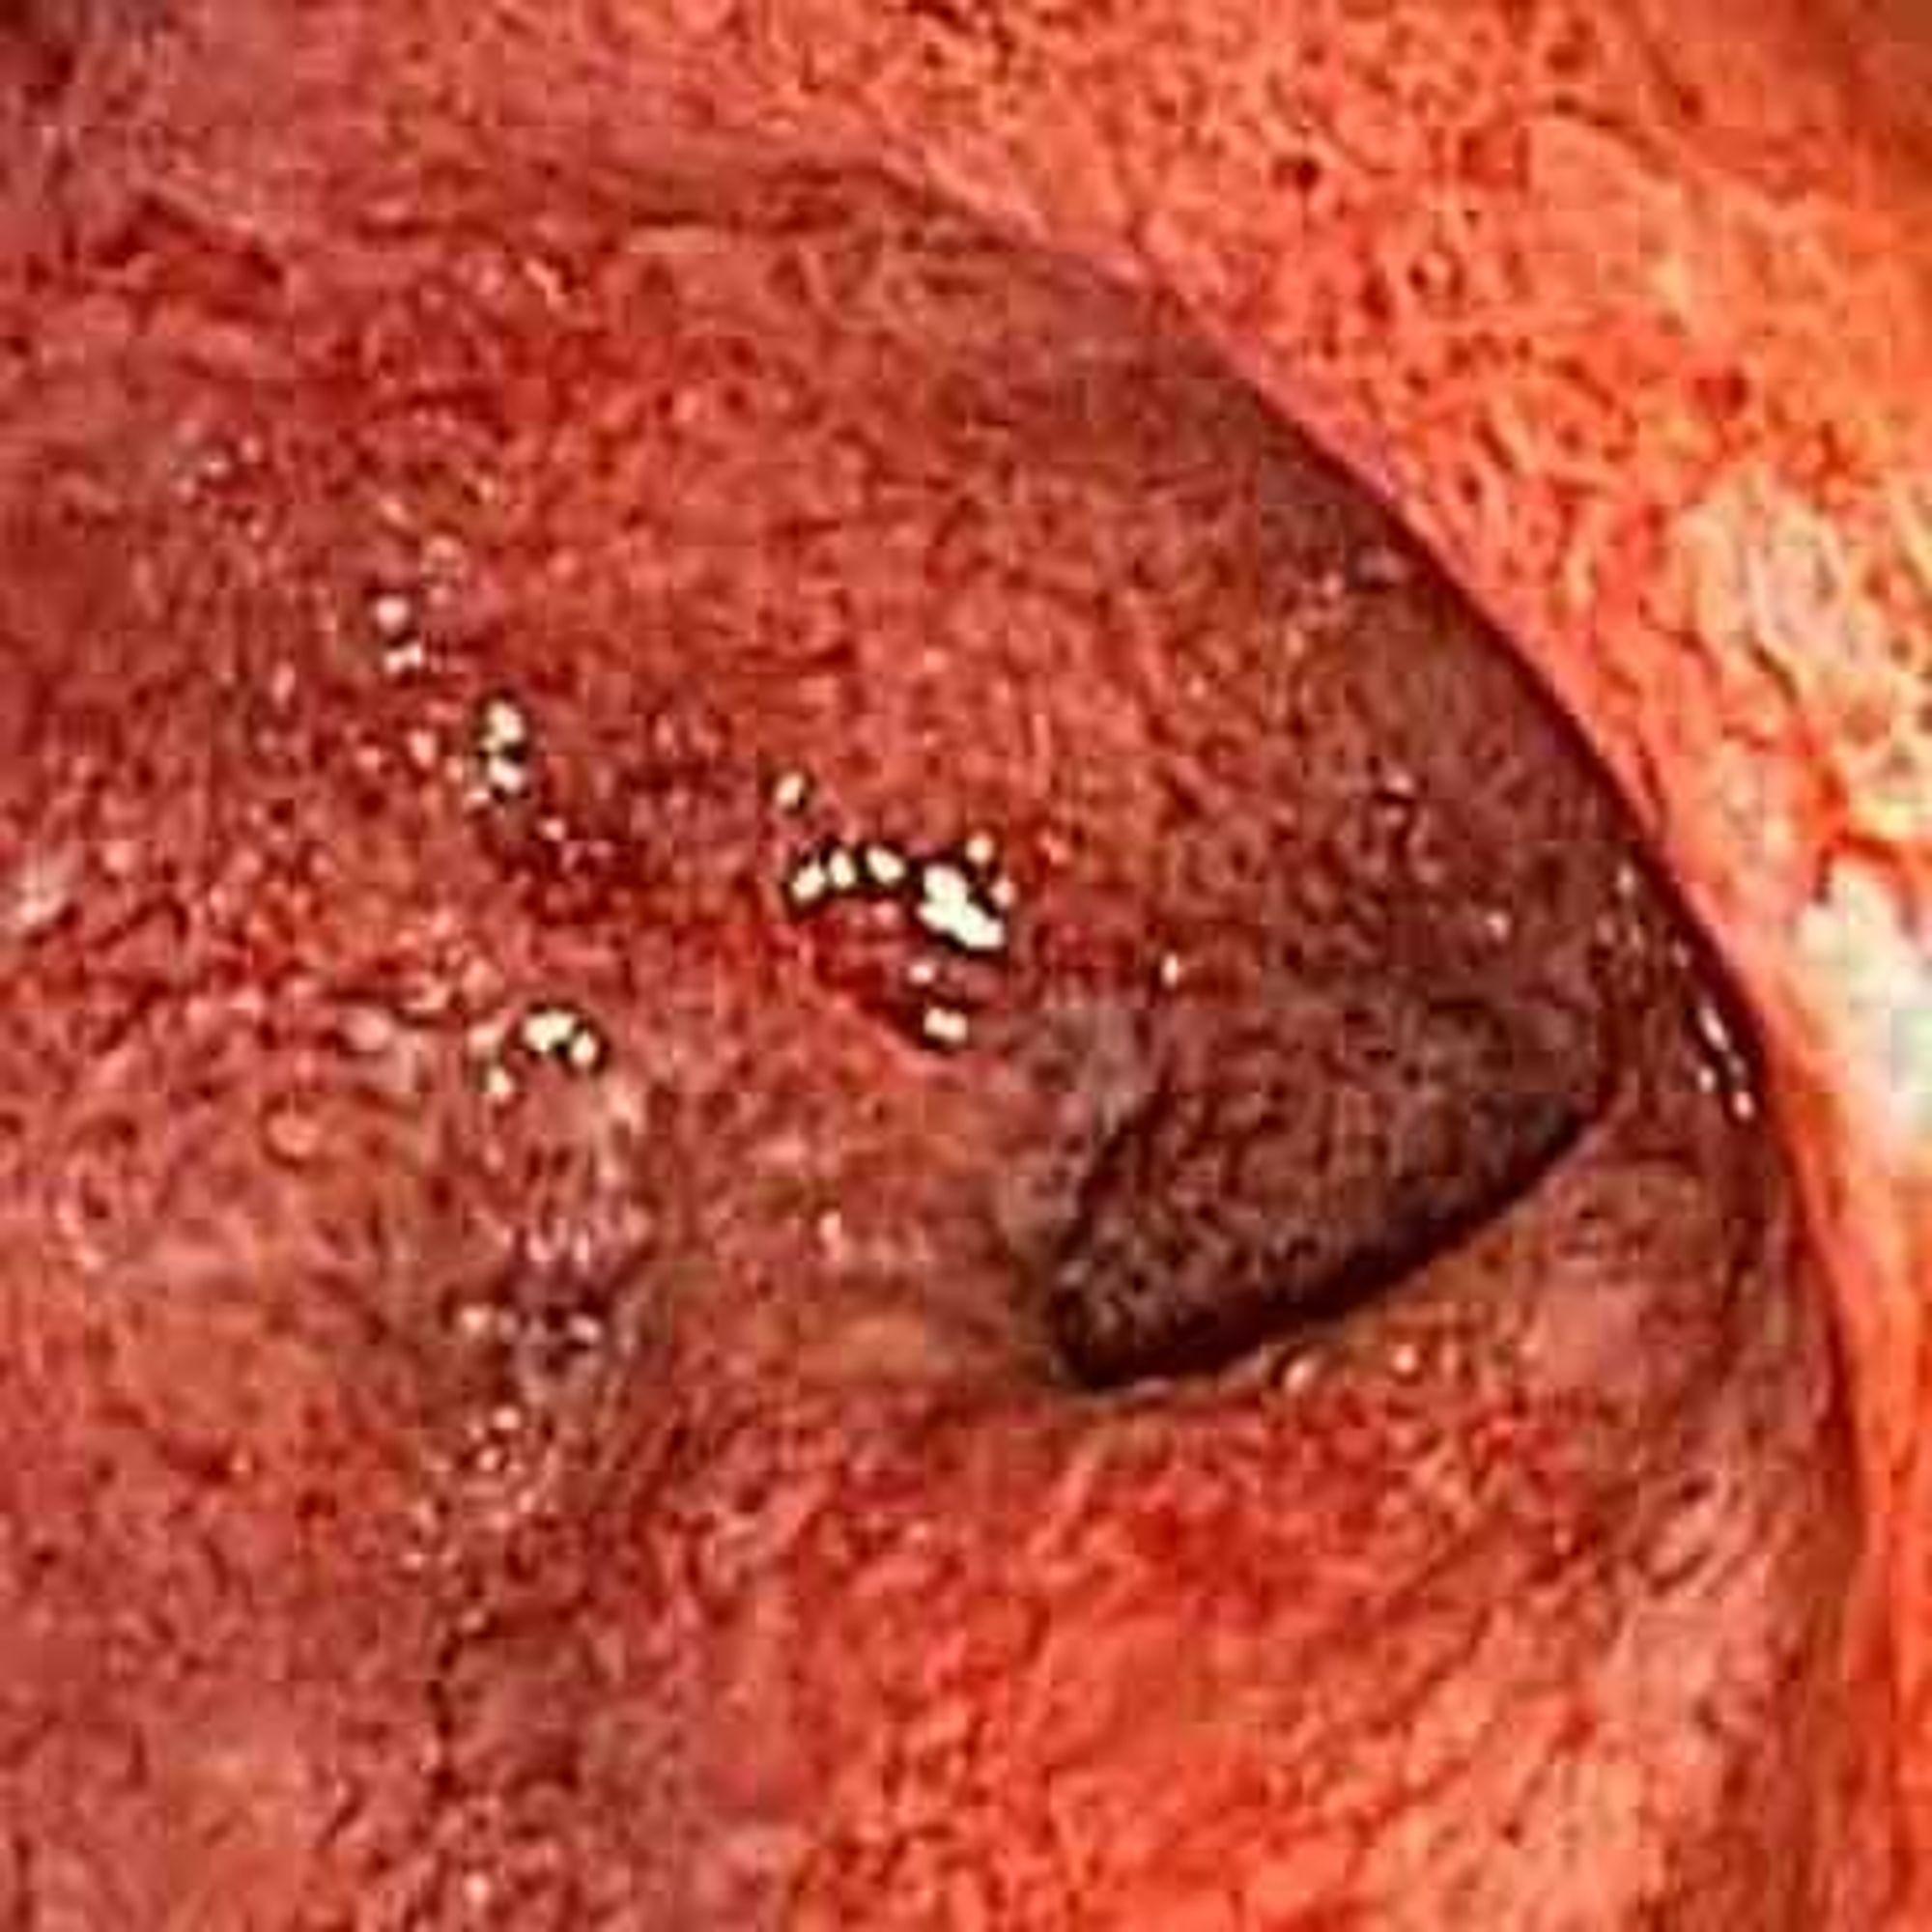 Filming av indre organer med endoskopi har vært et stort framskritt innen medisinen. Nå kommer noe som kan være enda bedre.